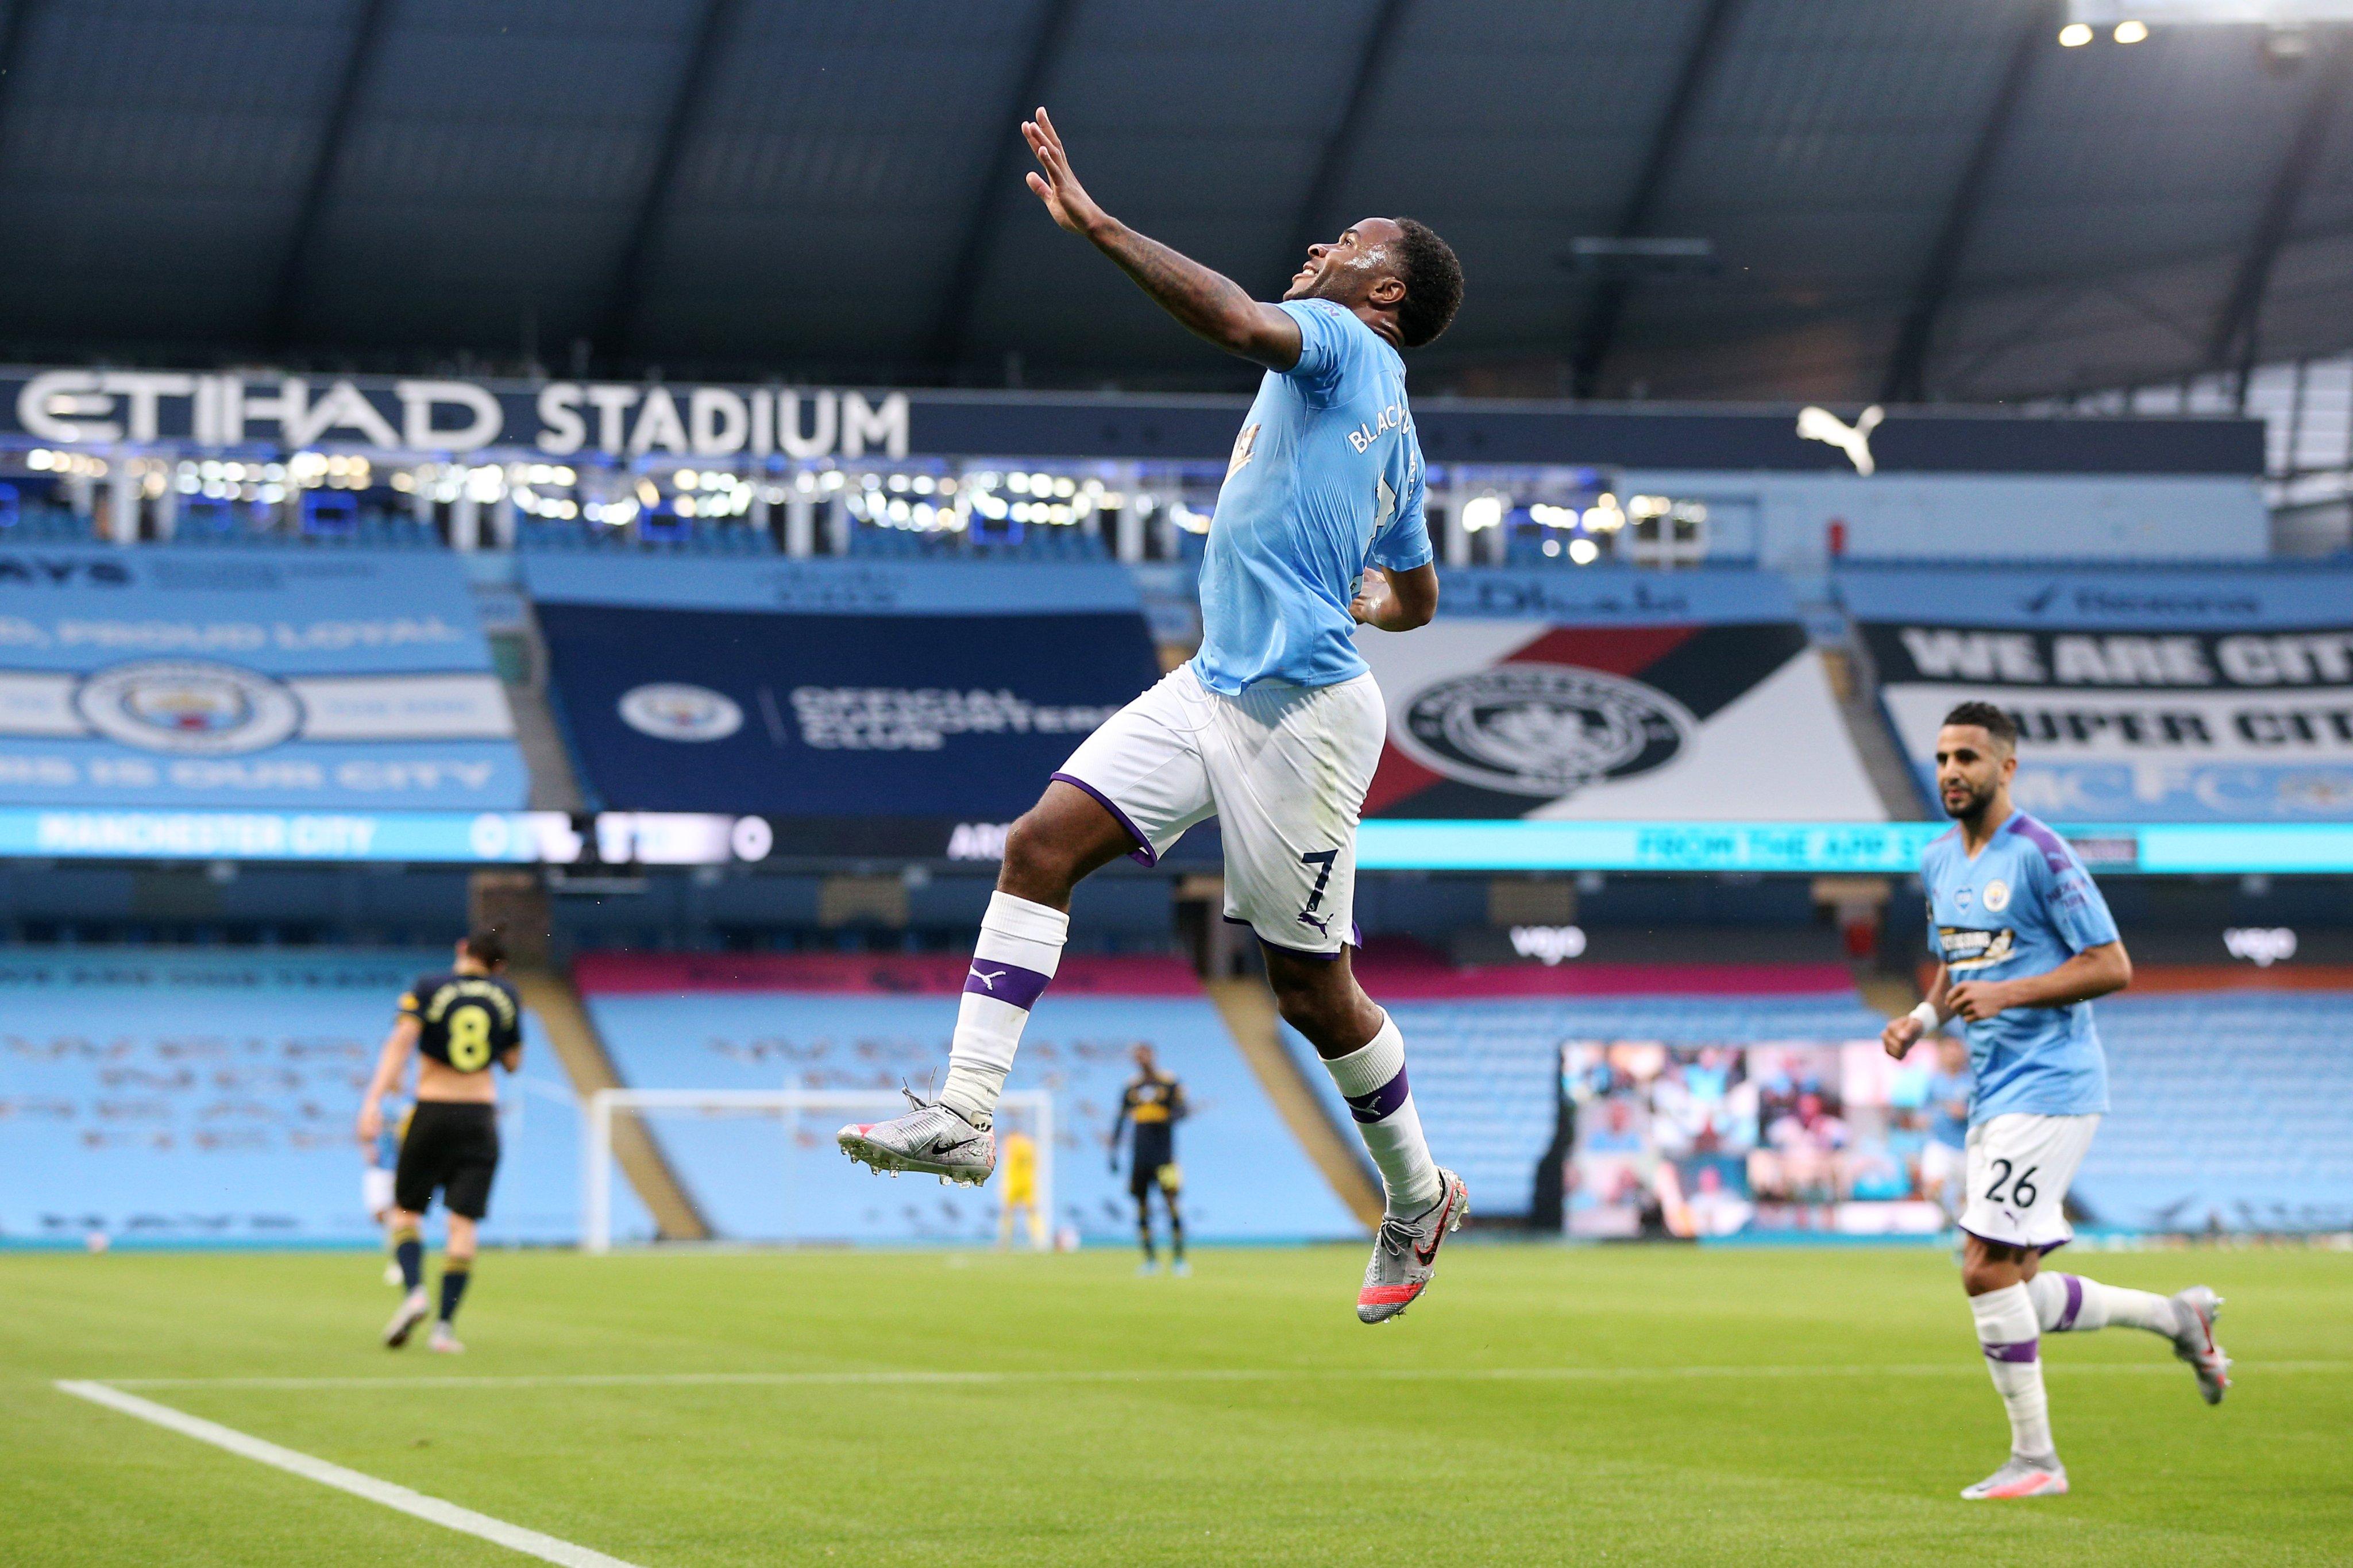 Premier League: Manchester City aplasta a Newcastle y prácticamente aseguró la segunda posición de la tabla